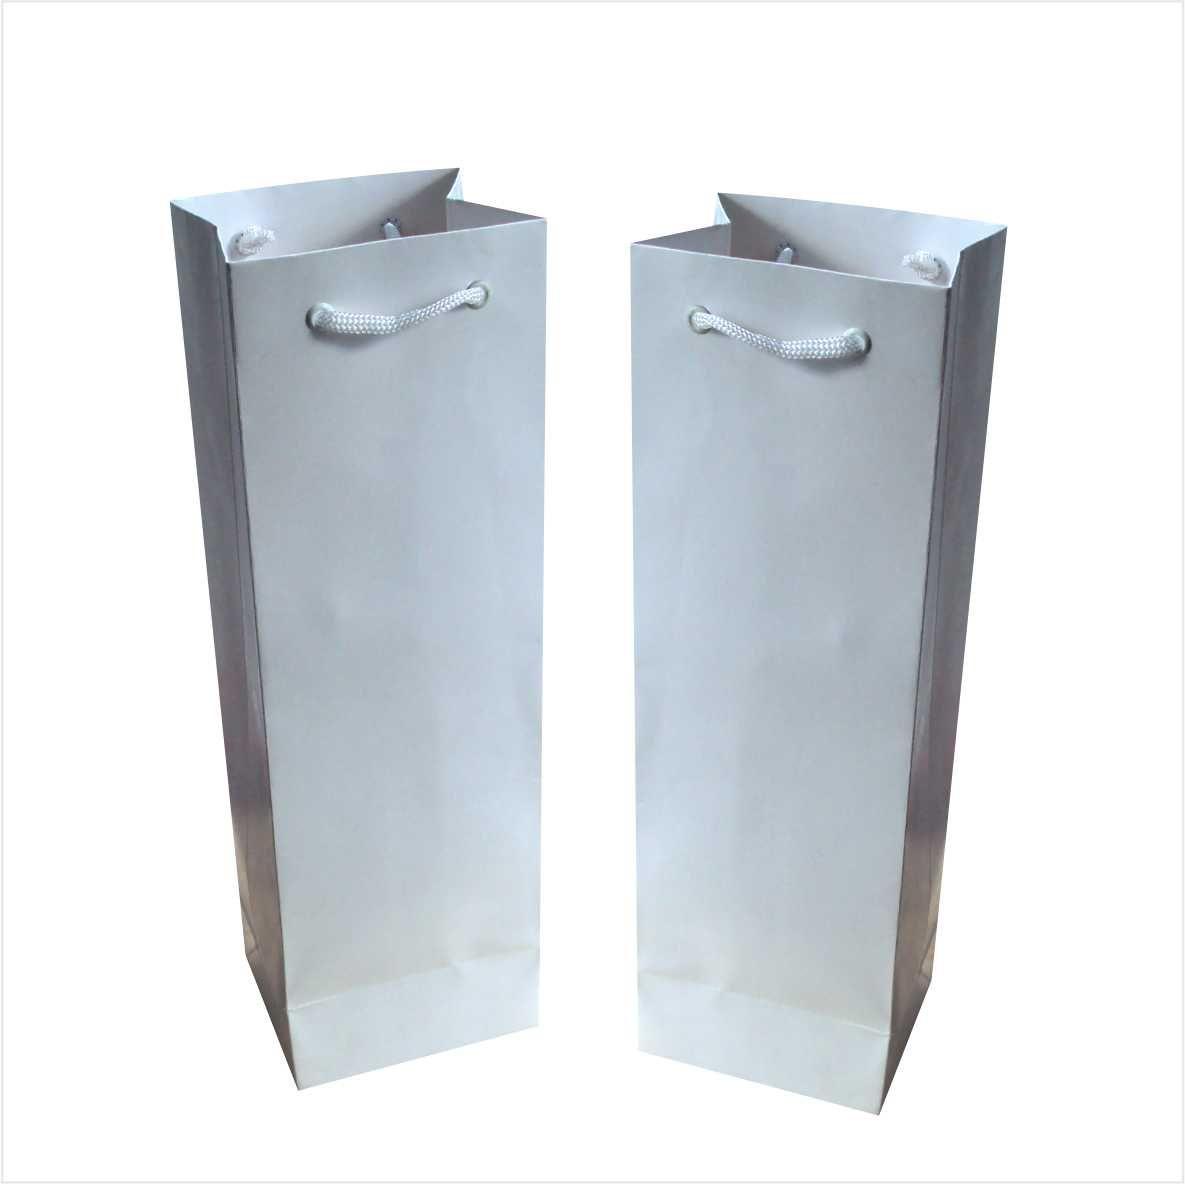 Sacola para 01 garrafa cor branca  (11x35x9 cm) - 10 unidades